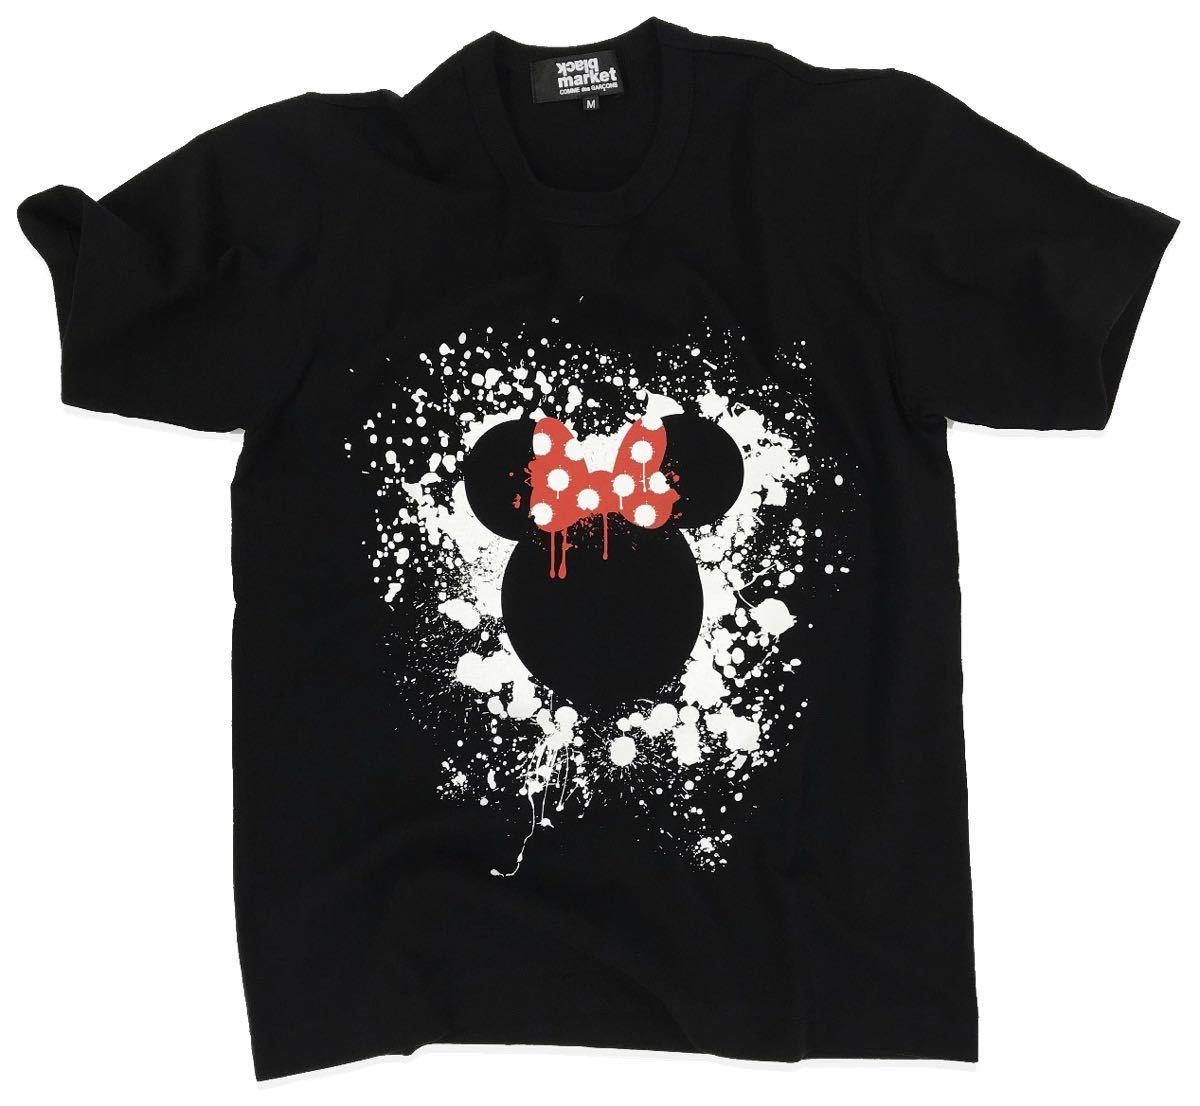 ブラックマーケットコムデギャルソン blackmarket COMME des GARCONS ミニーマウス 半袖Tシャツ M ブラックマーケット コムデギャルソン_画像1